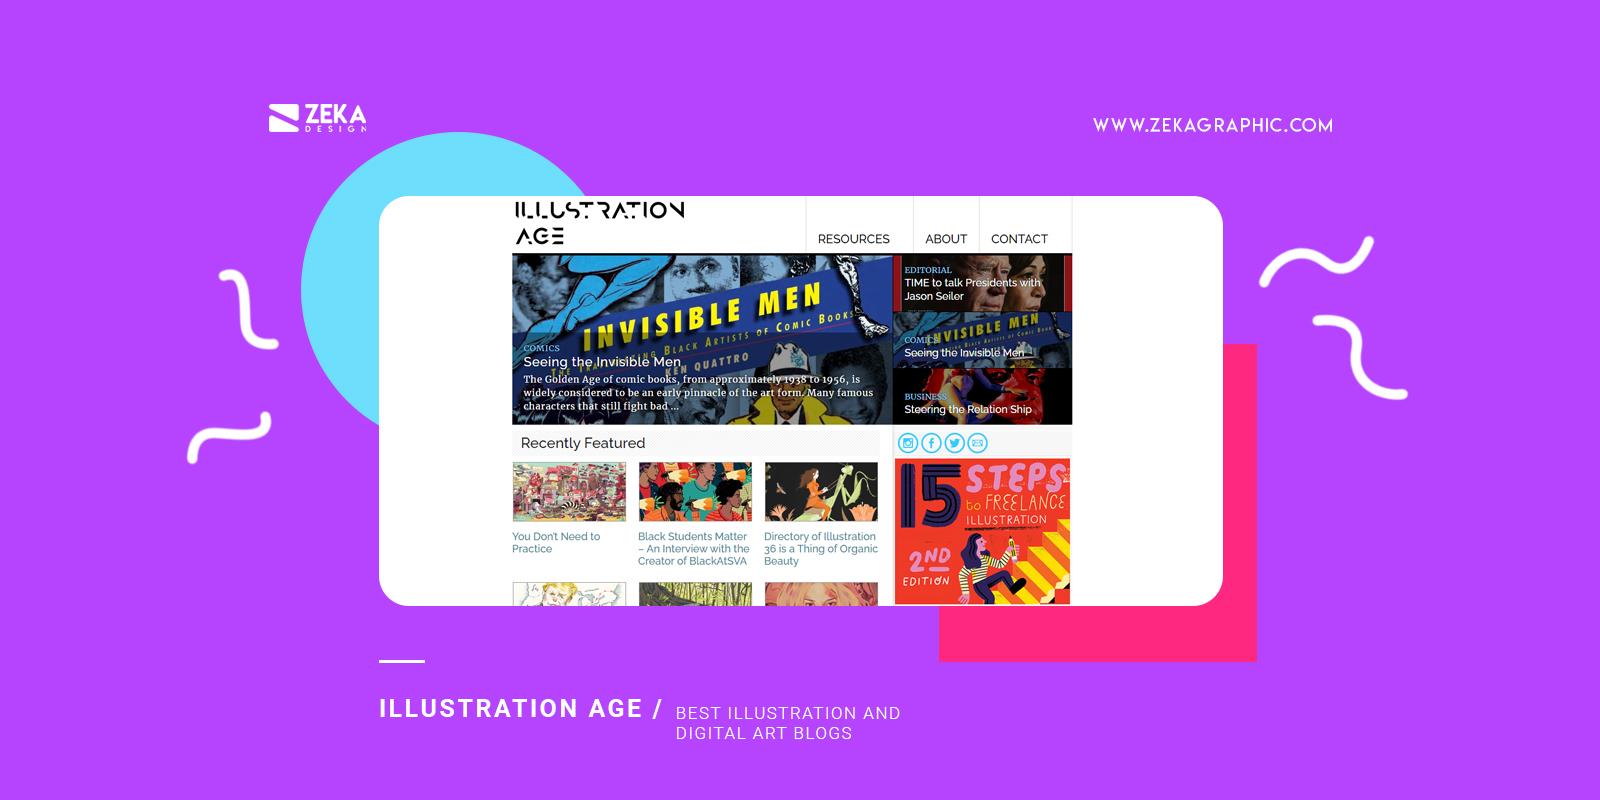 Illustration Age Best Illustration and Digital Art Blogs